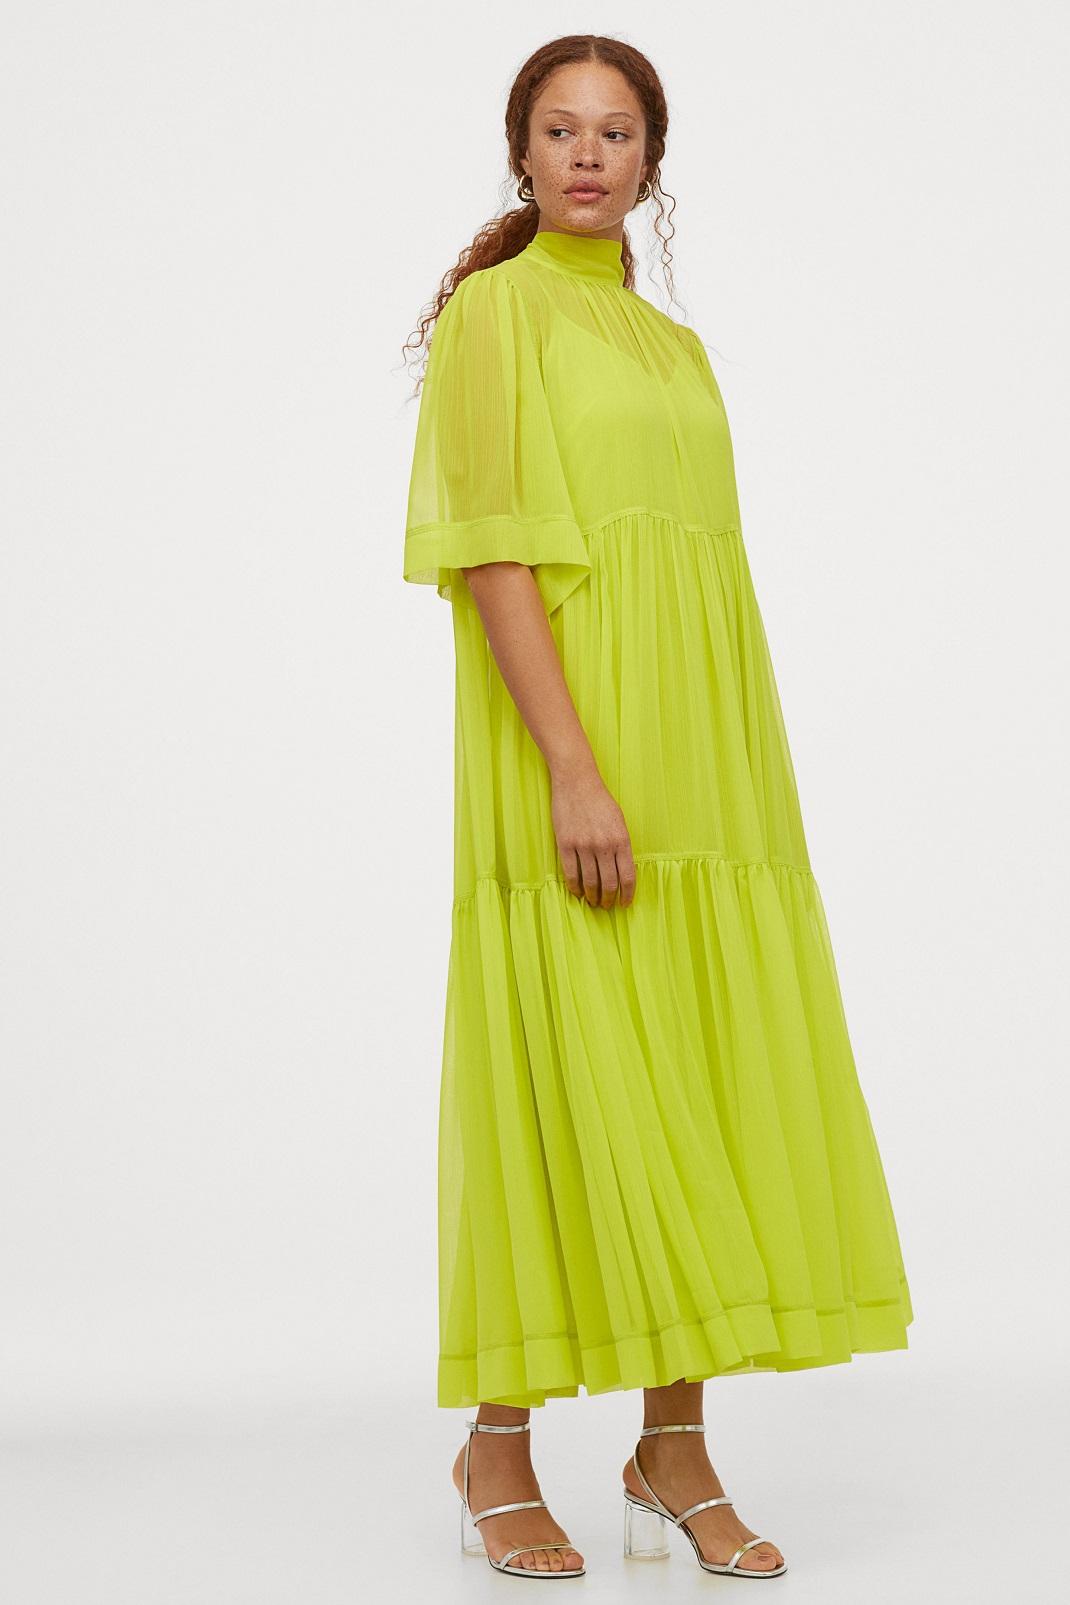 μοντέλο με φόρεμα Η&Μ